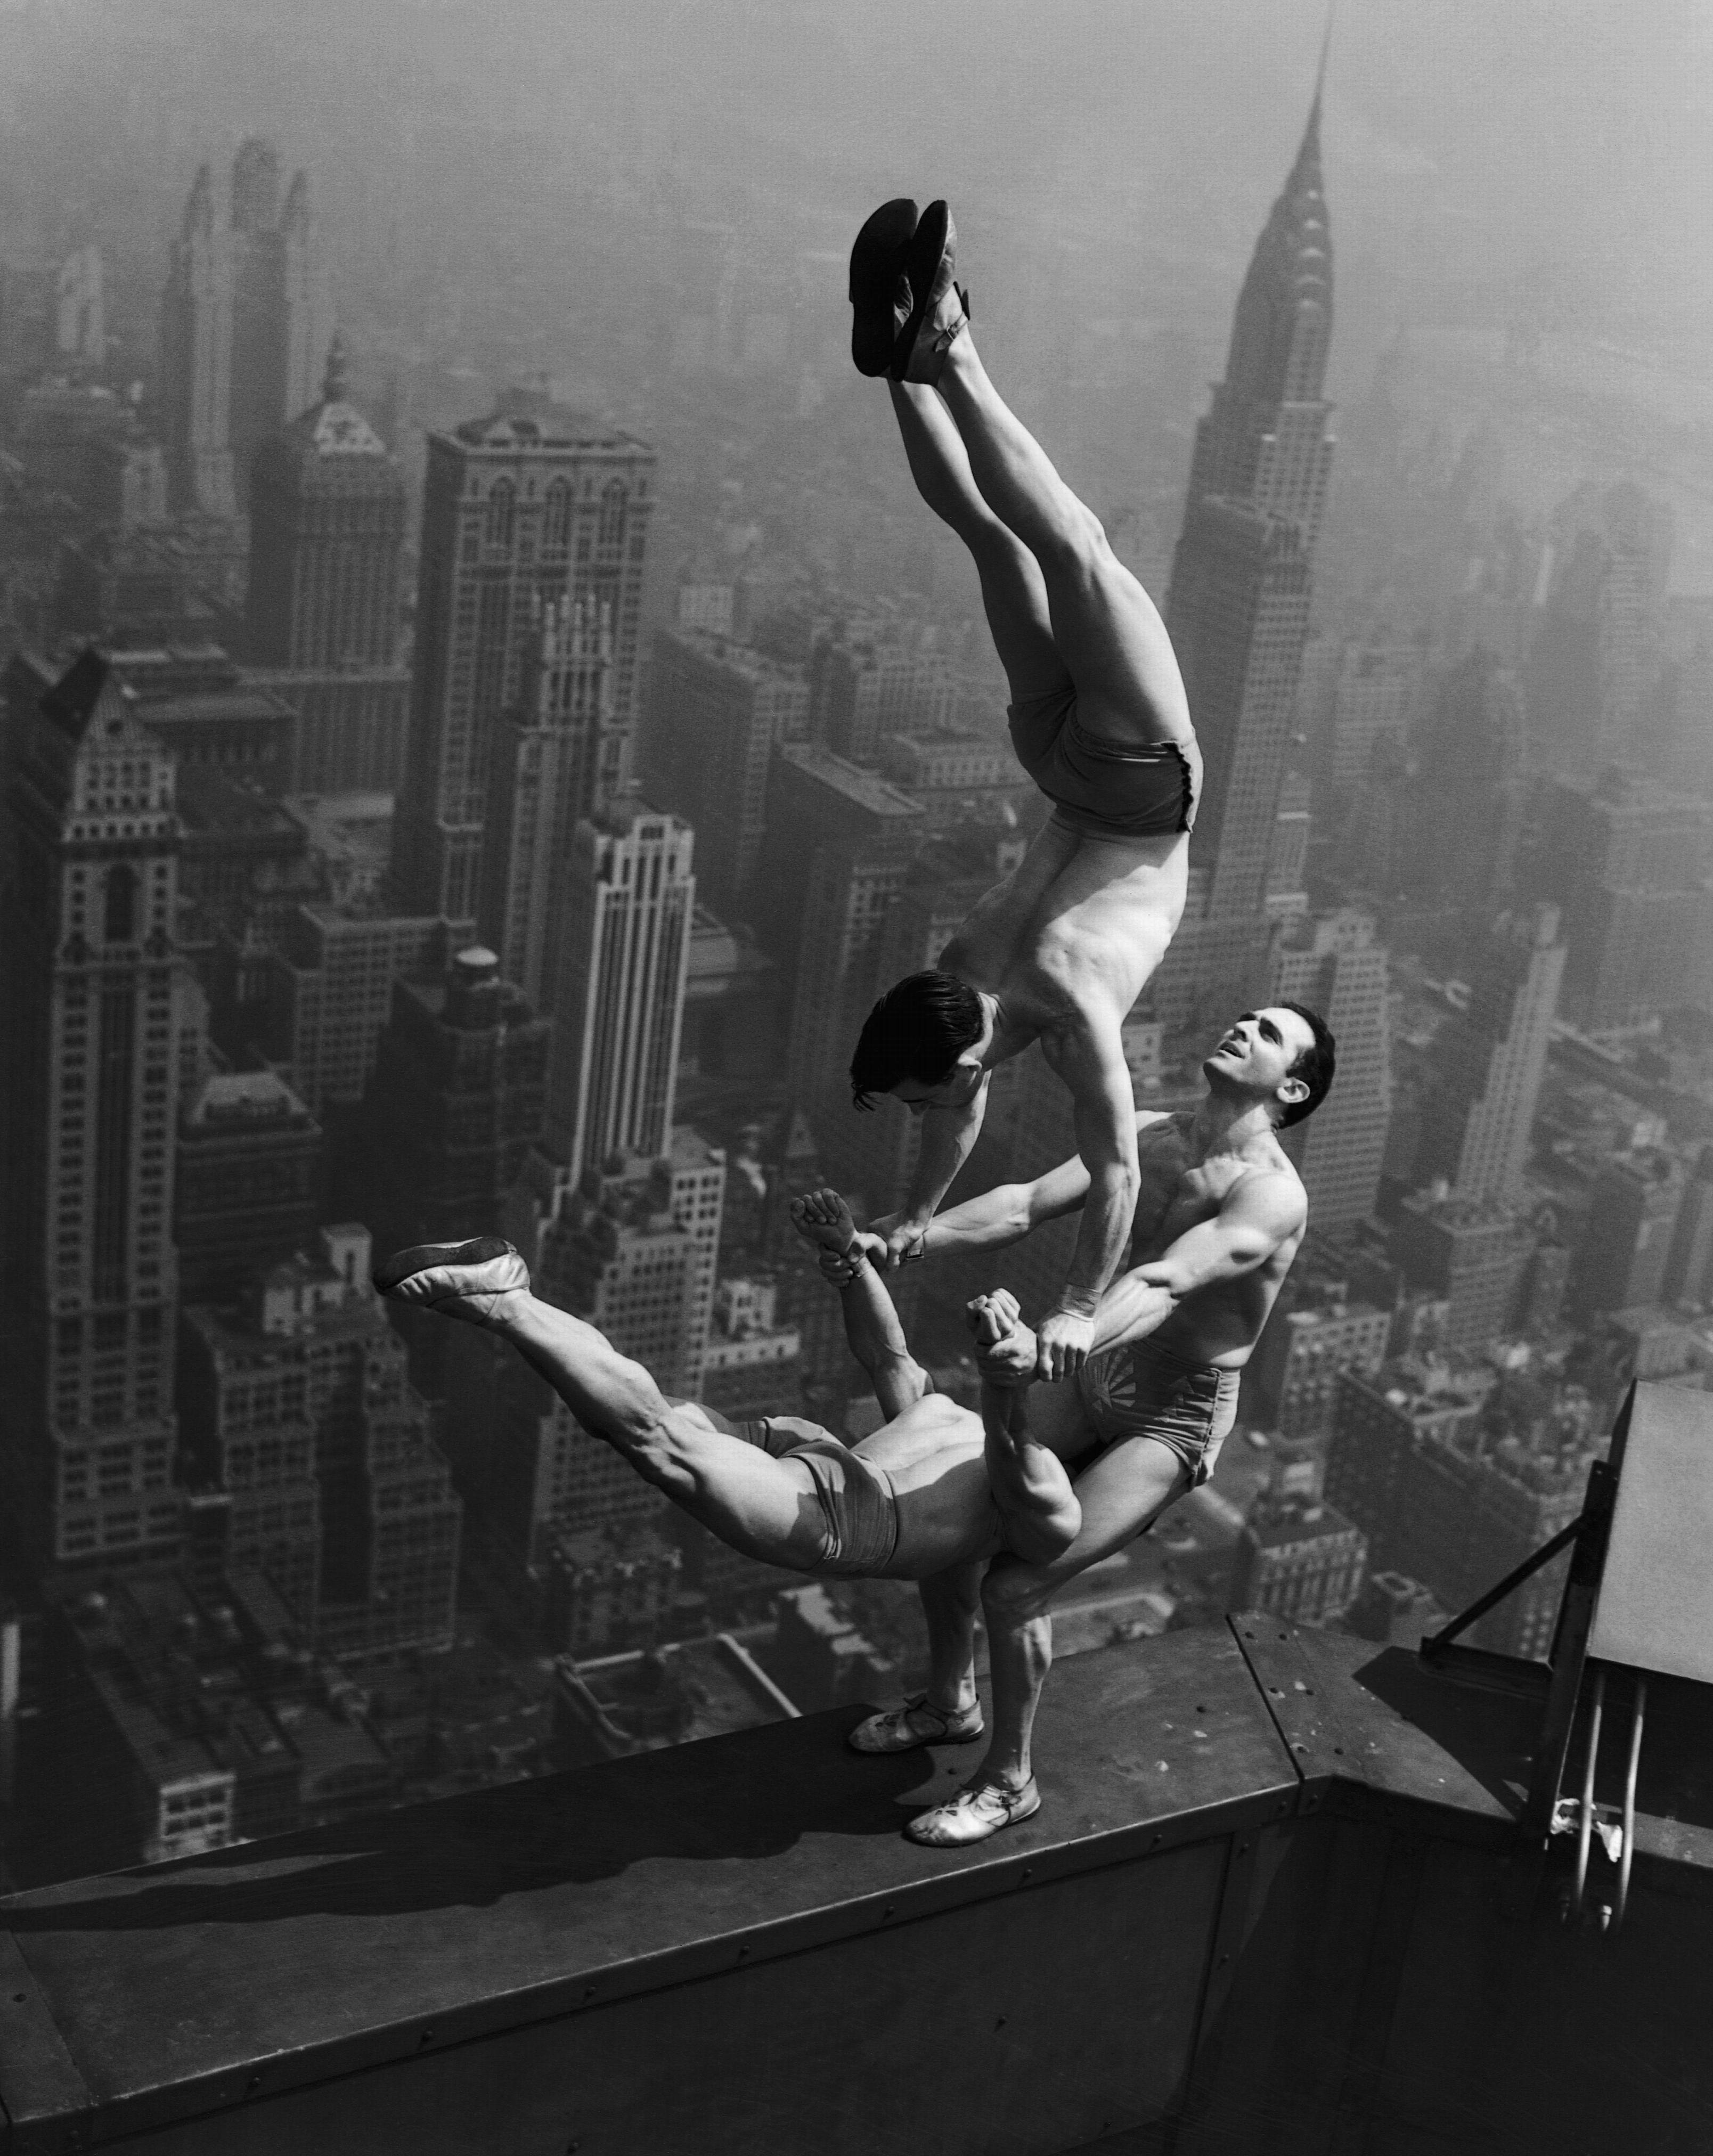 команда самые красивые черно-белые фотографии в мире как